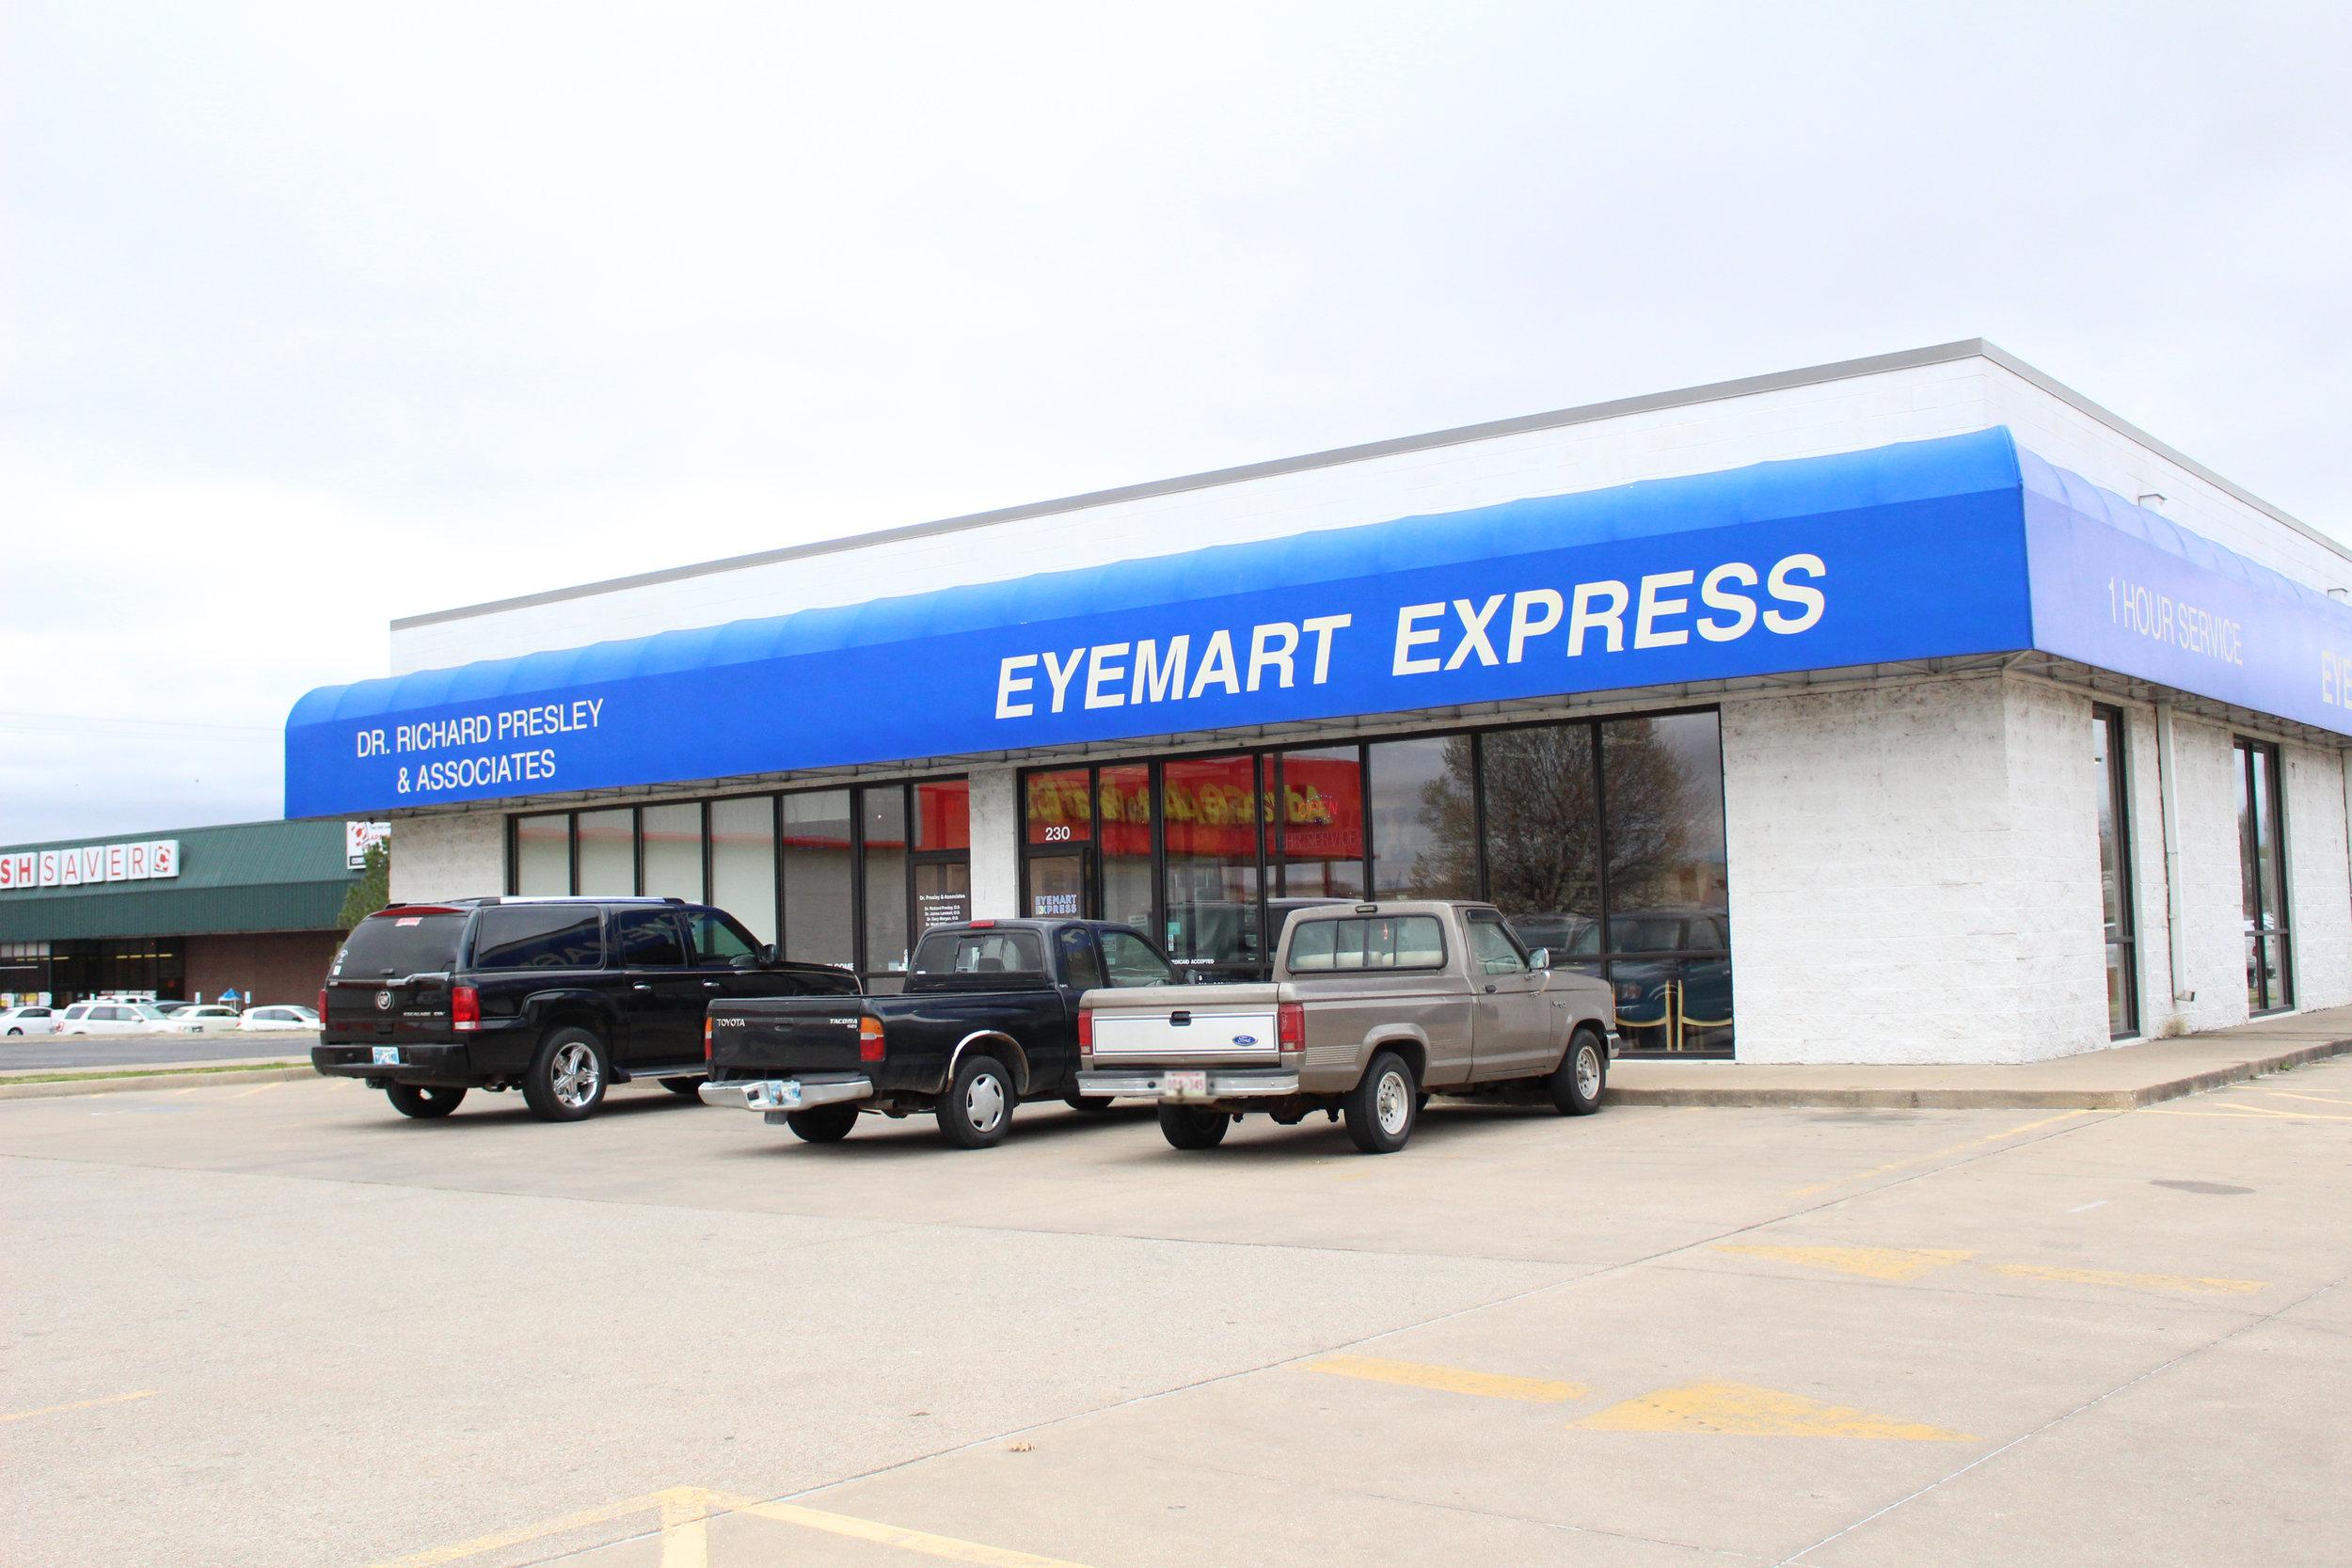 eyemart express 230 south highway 97